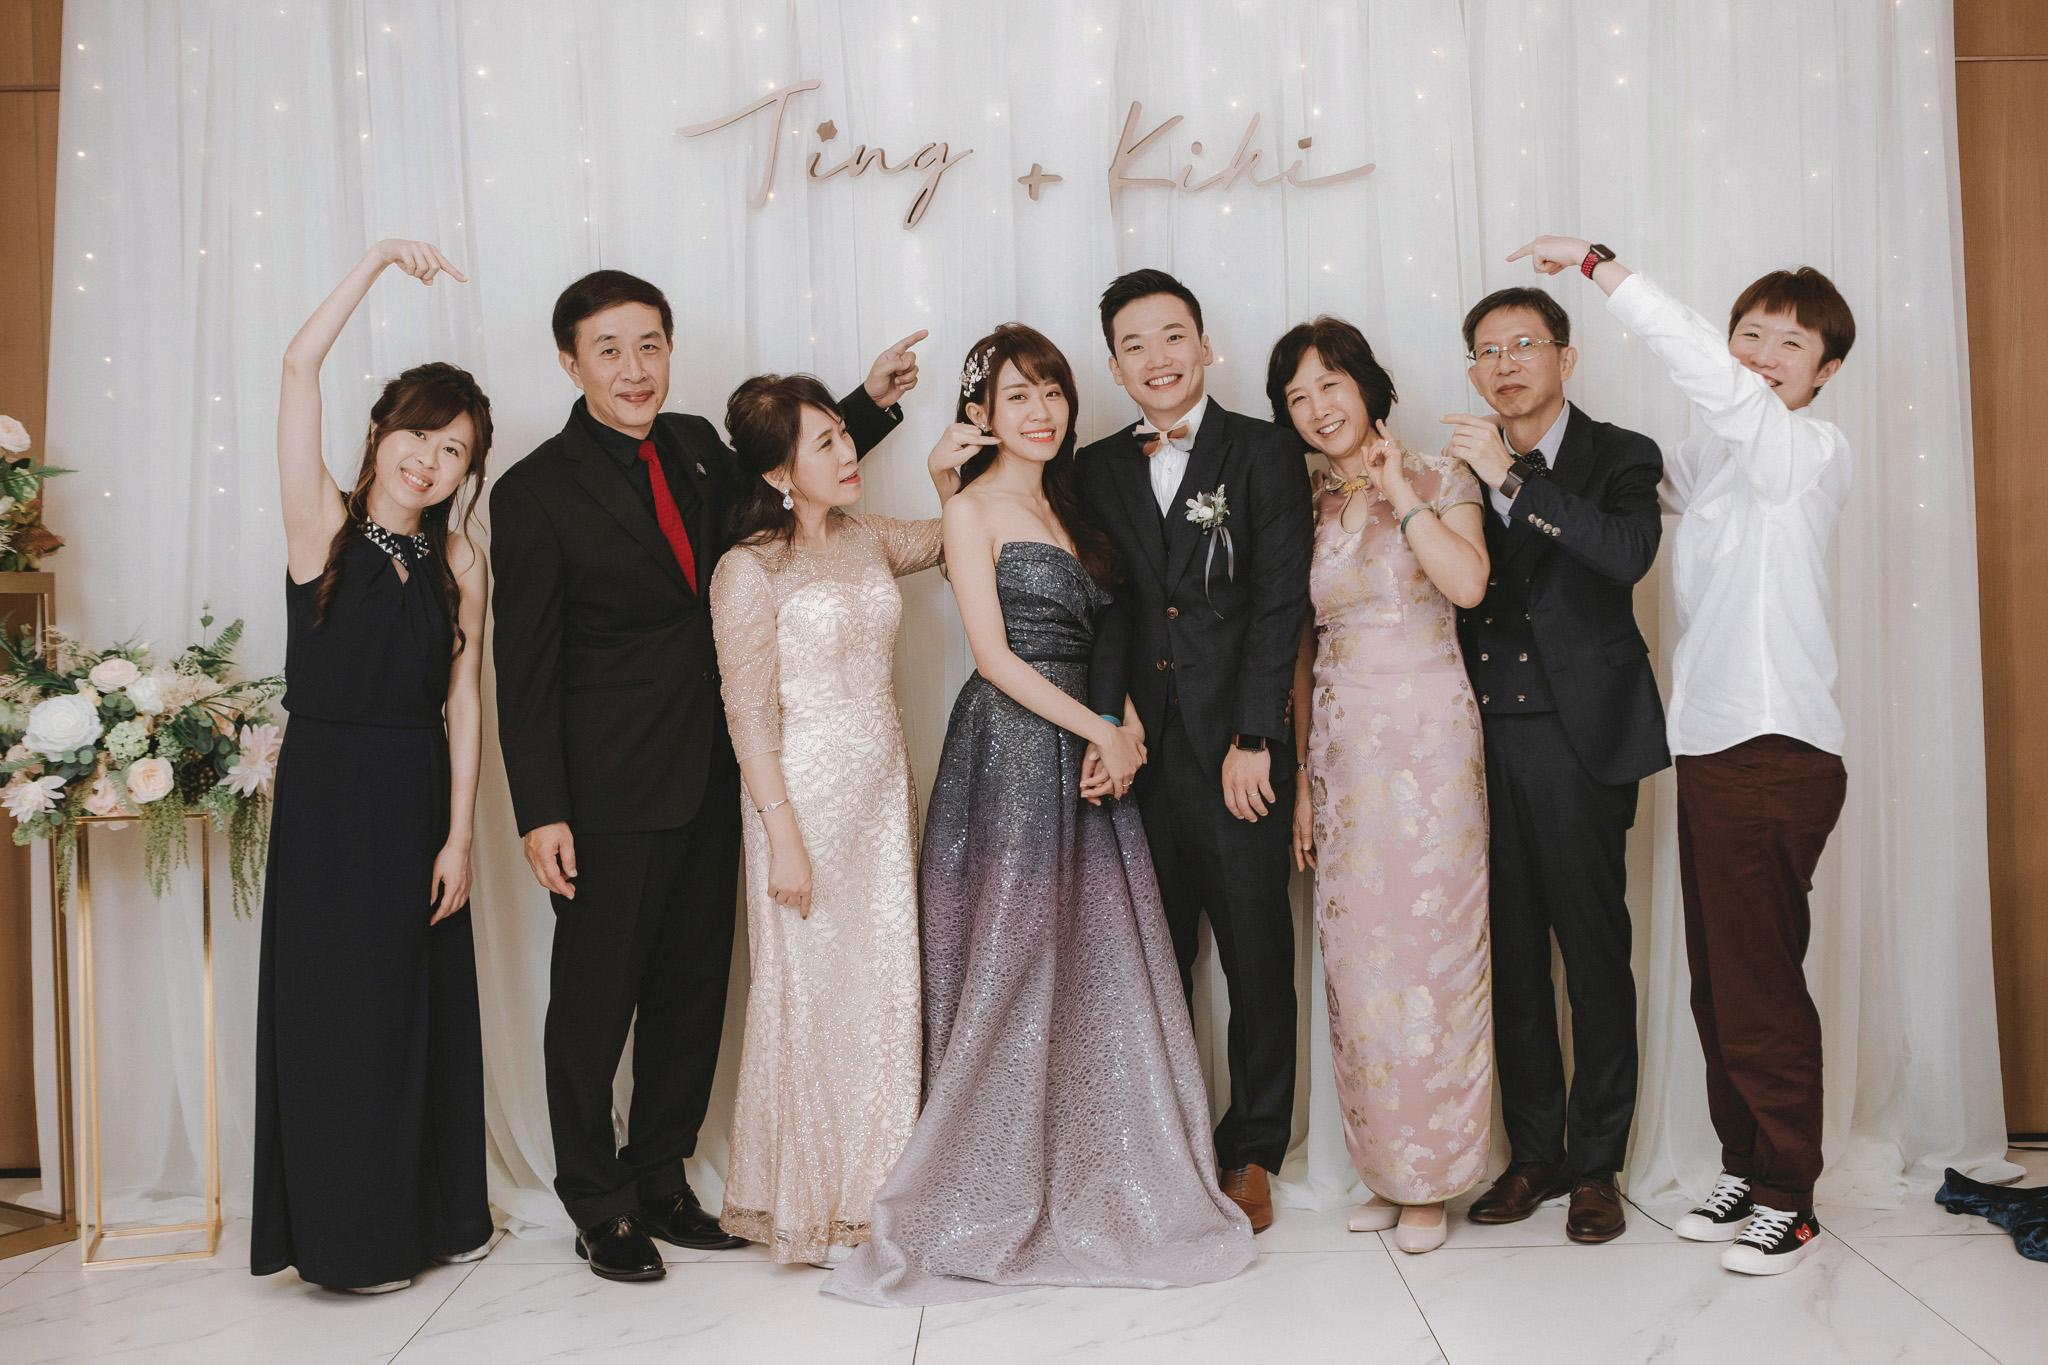 EW 居米 台北婚宴 台北婚紗 台北婚攝 國泰萬怡 台北婚禮 -70